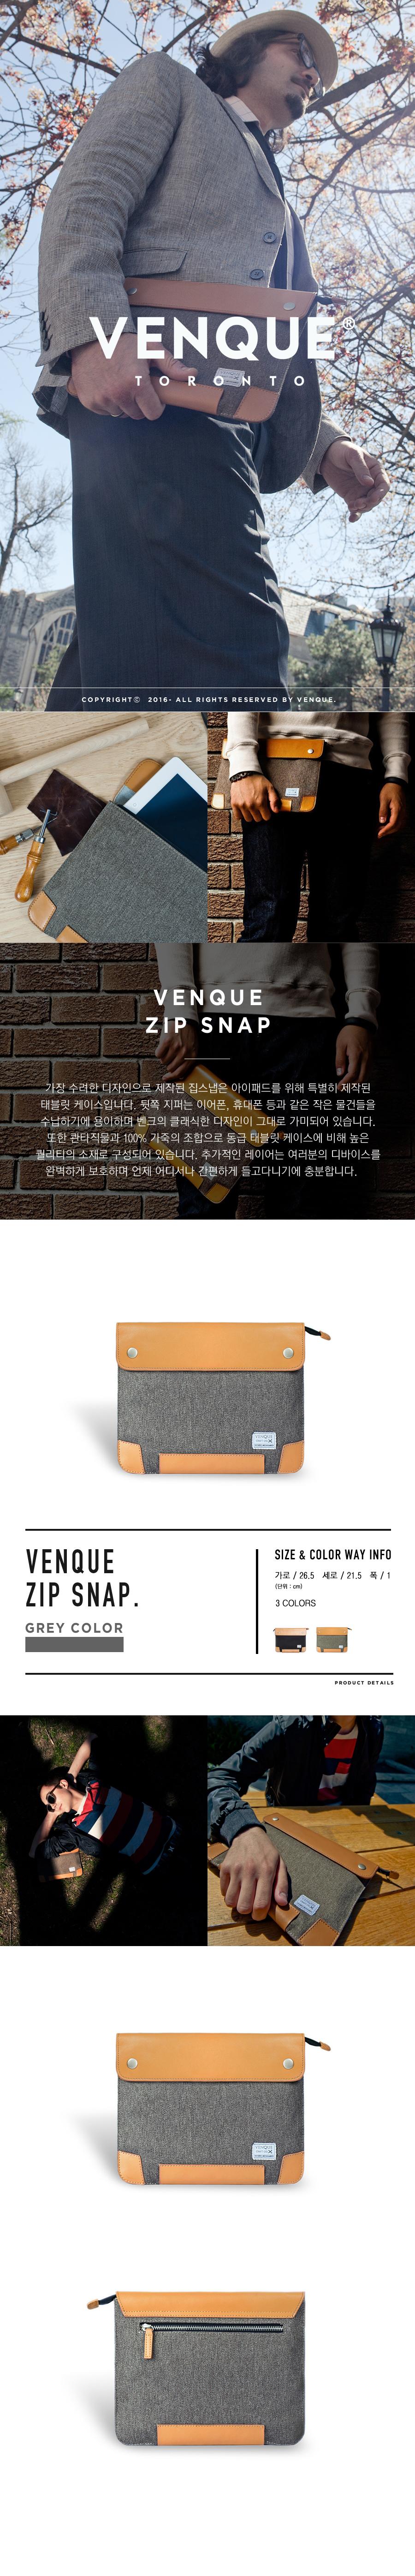 [벤크] 집스냅 클러치백 그레이